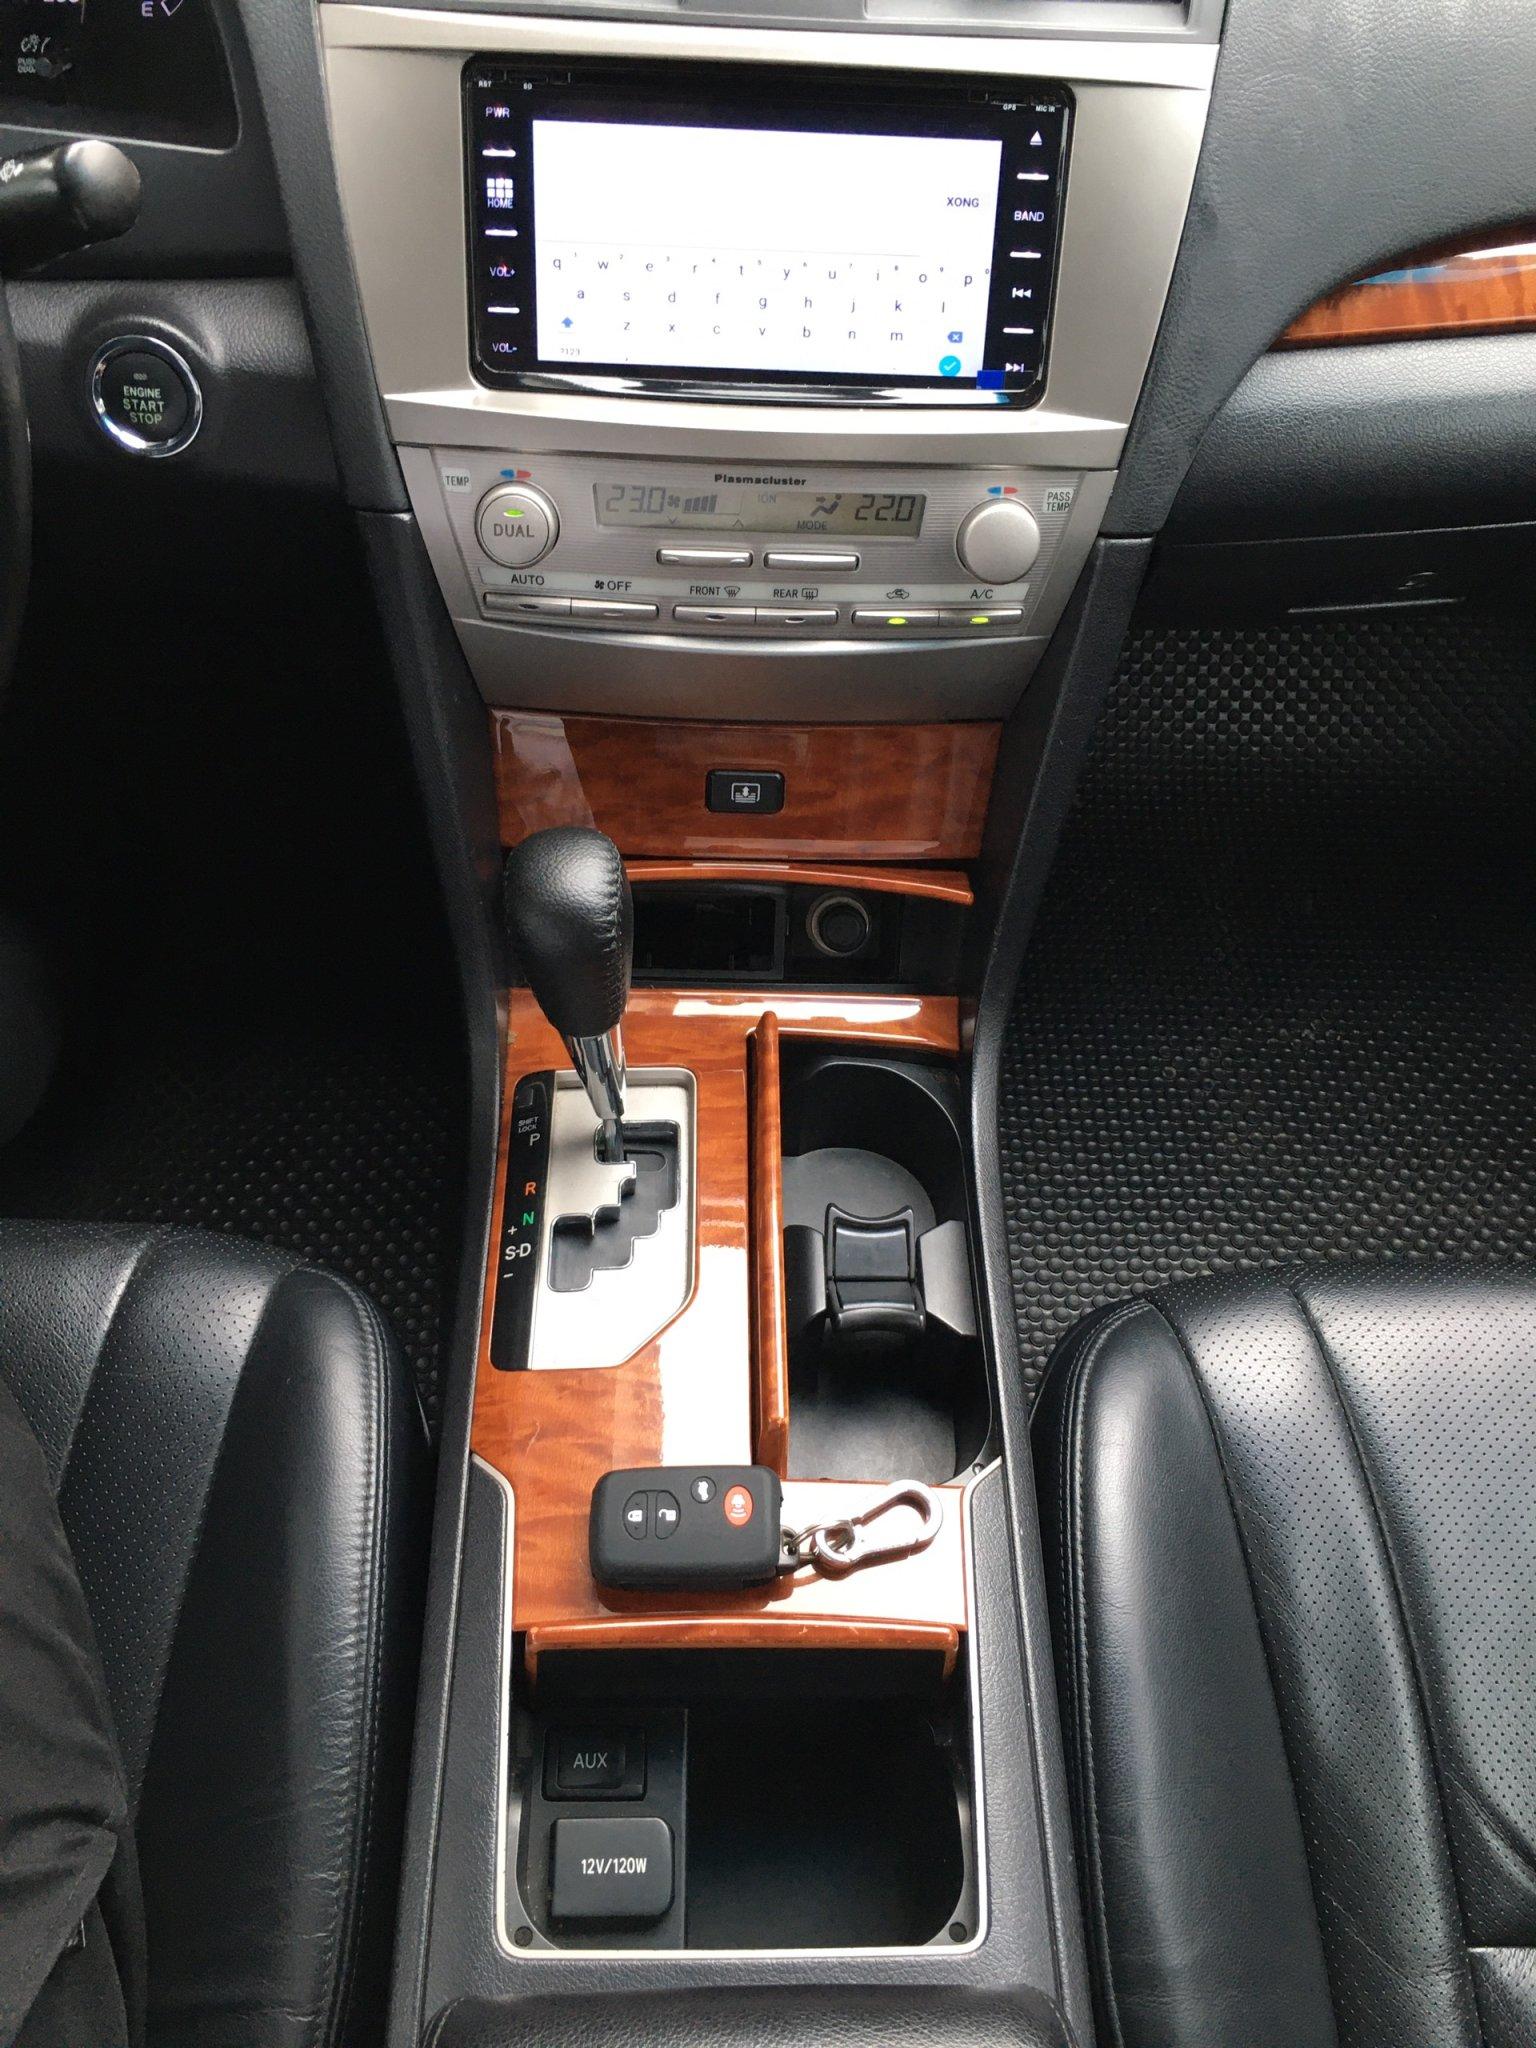 Bán xe Toyota Camry 3.5Q đời 2010, màu đen, CỰC Chất Siêu Hiếm - Giá Siêu Chất